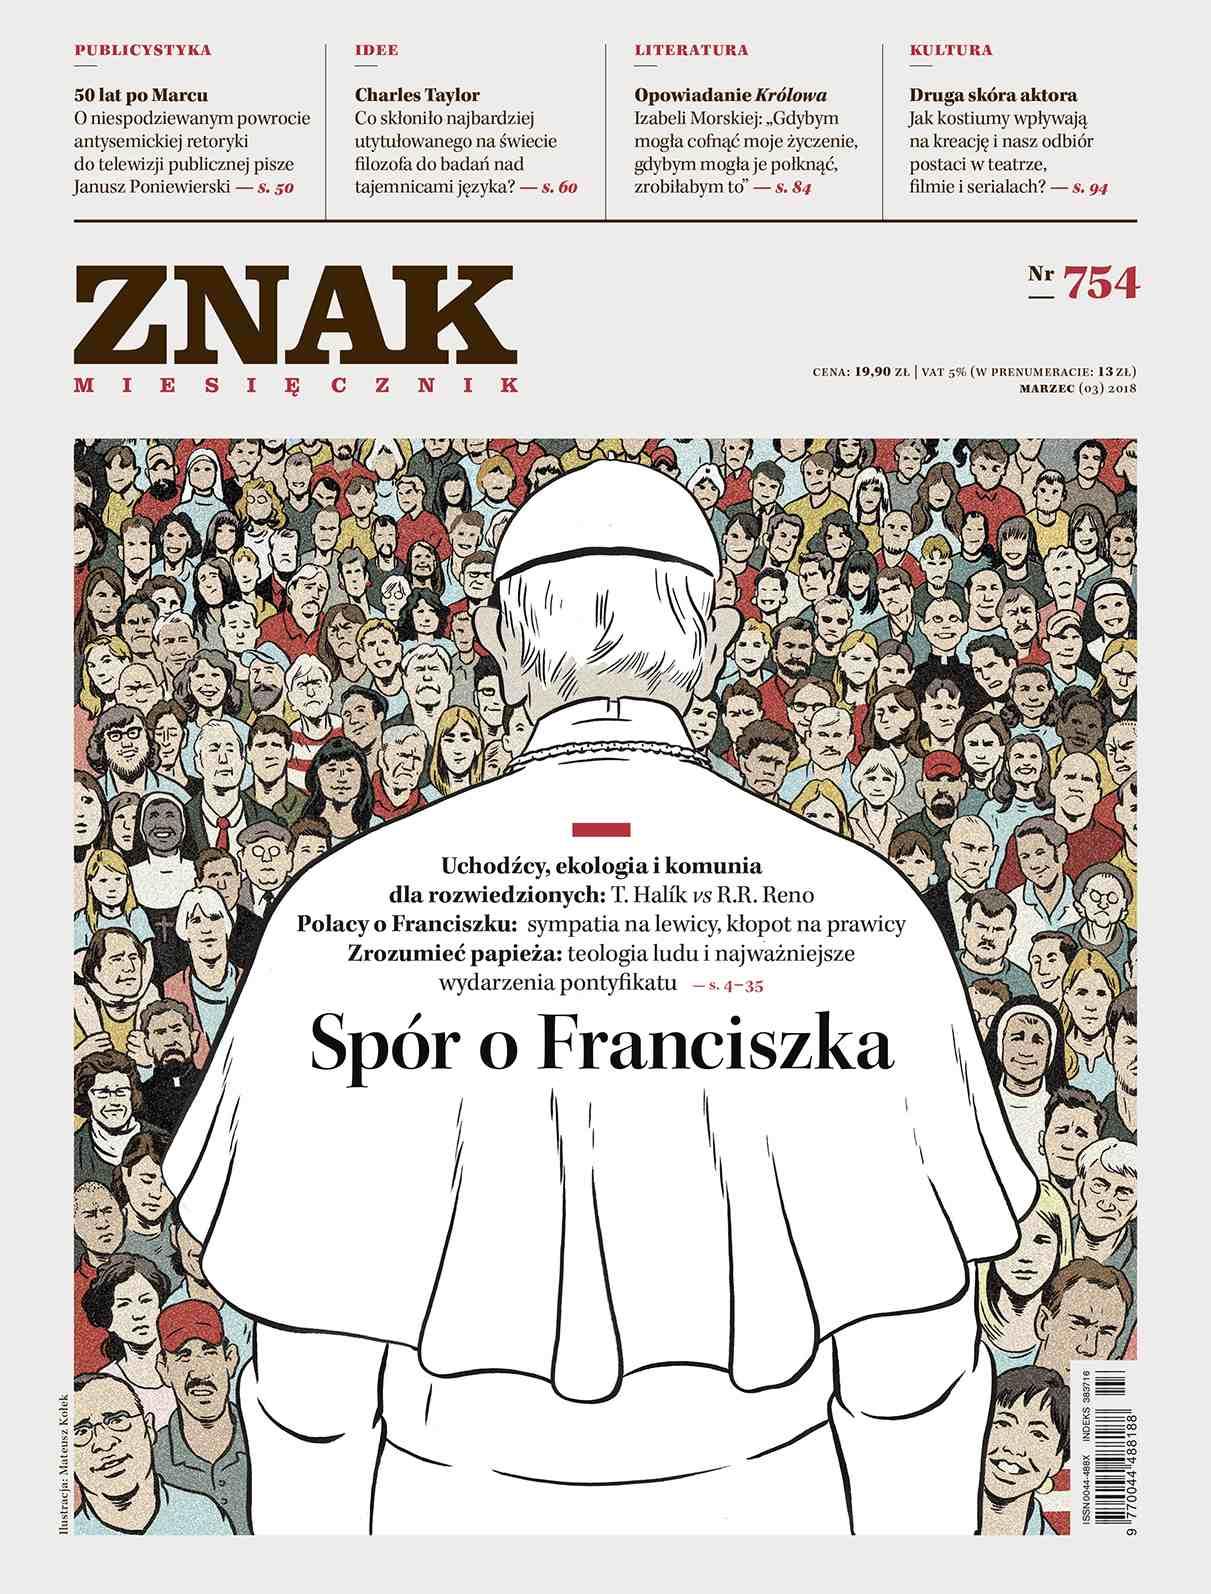 Miesięcznik ZNAK nr 754: Spór o Franciszka - Ebook (Książka na Kindle) do pobrania w formacie MOBI